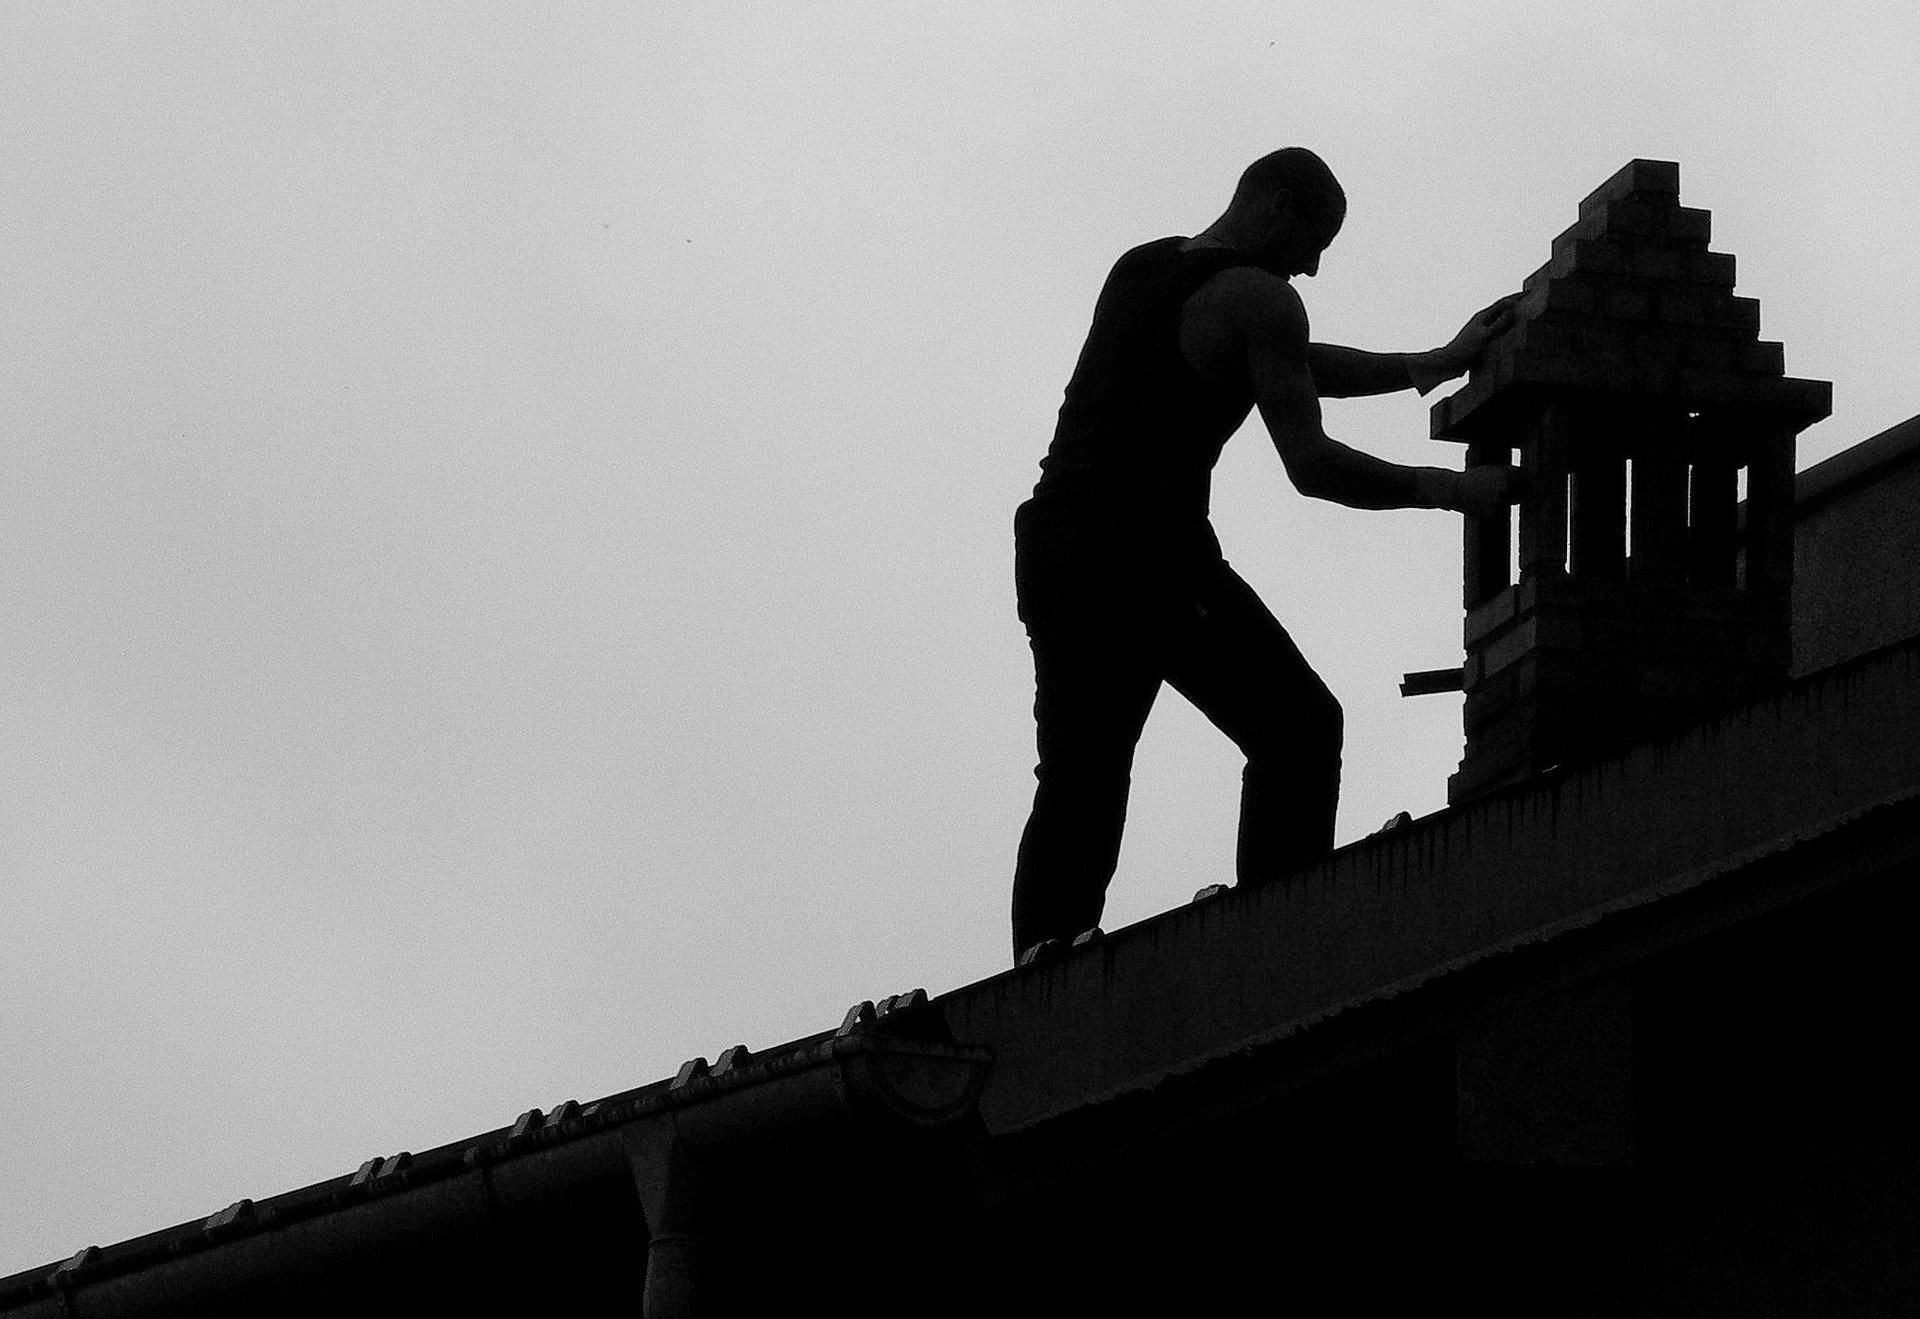 un uomo mentre pulisce una canna fumaria